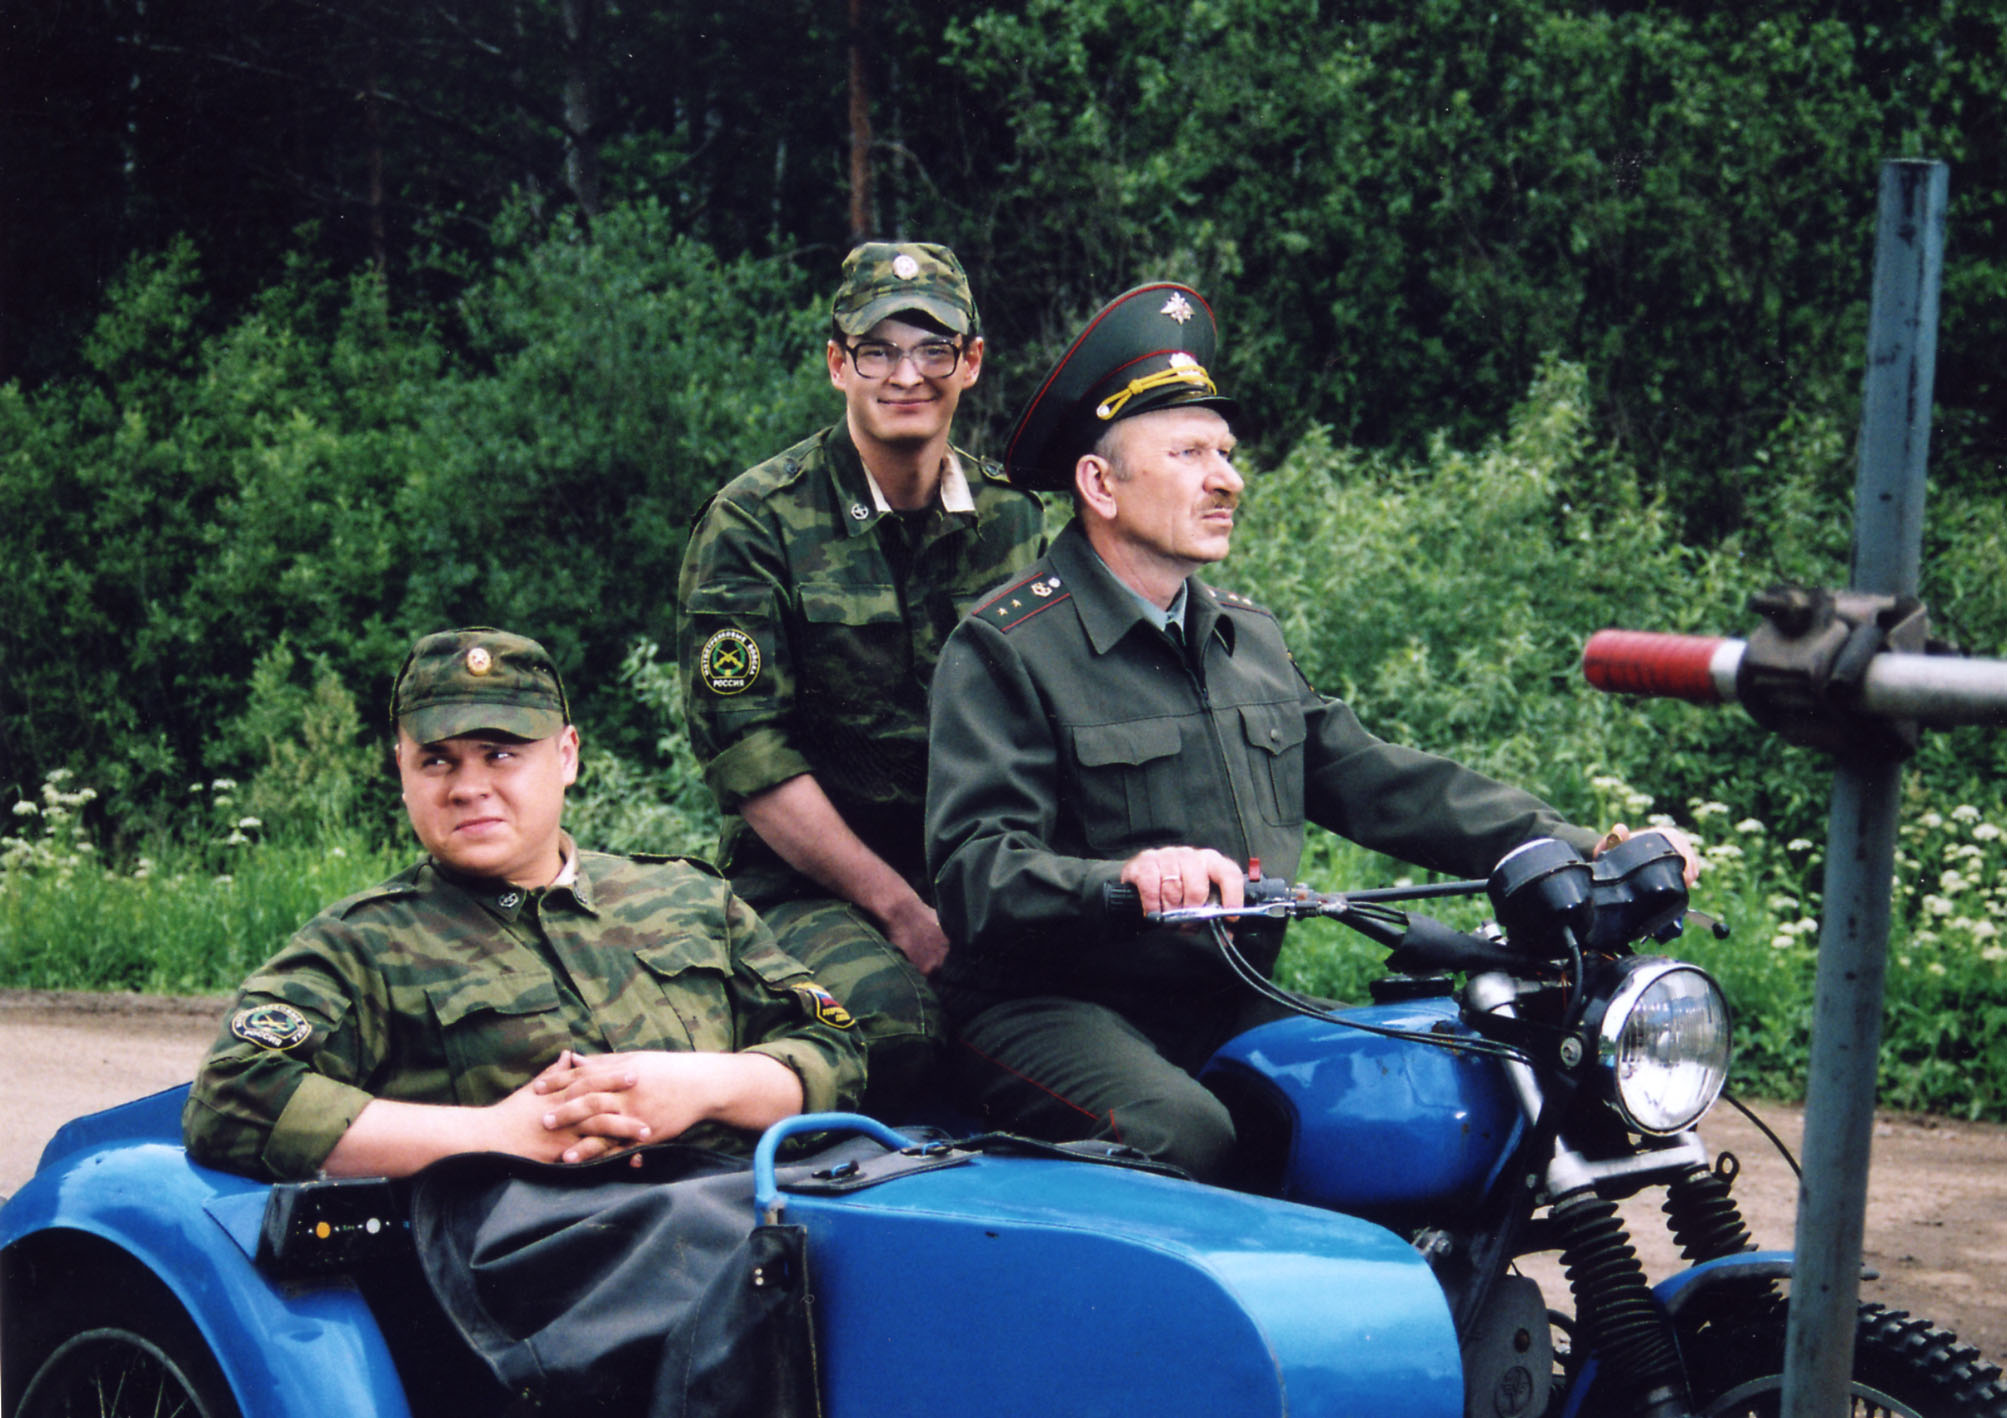 Солдаты смотреть онлайн 22 фотография